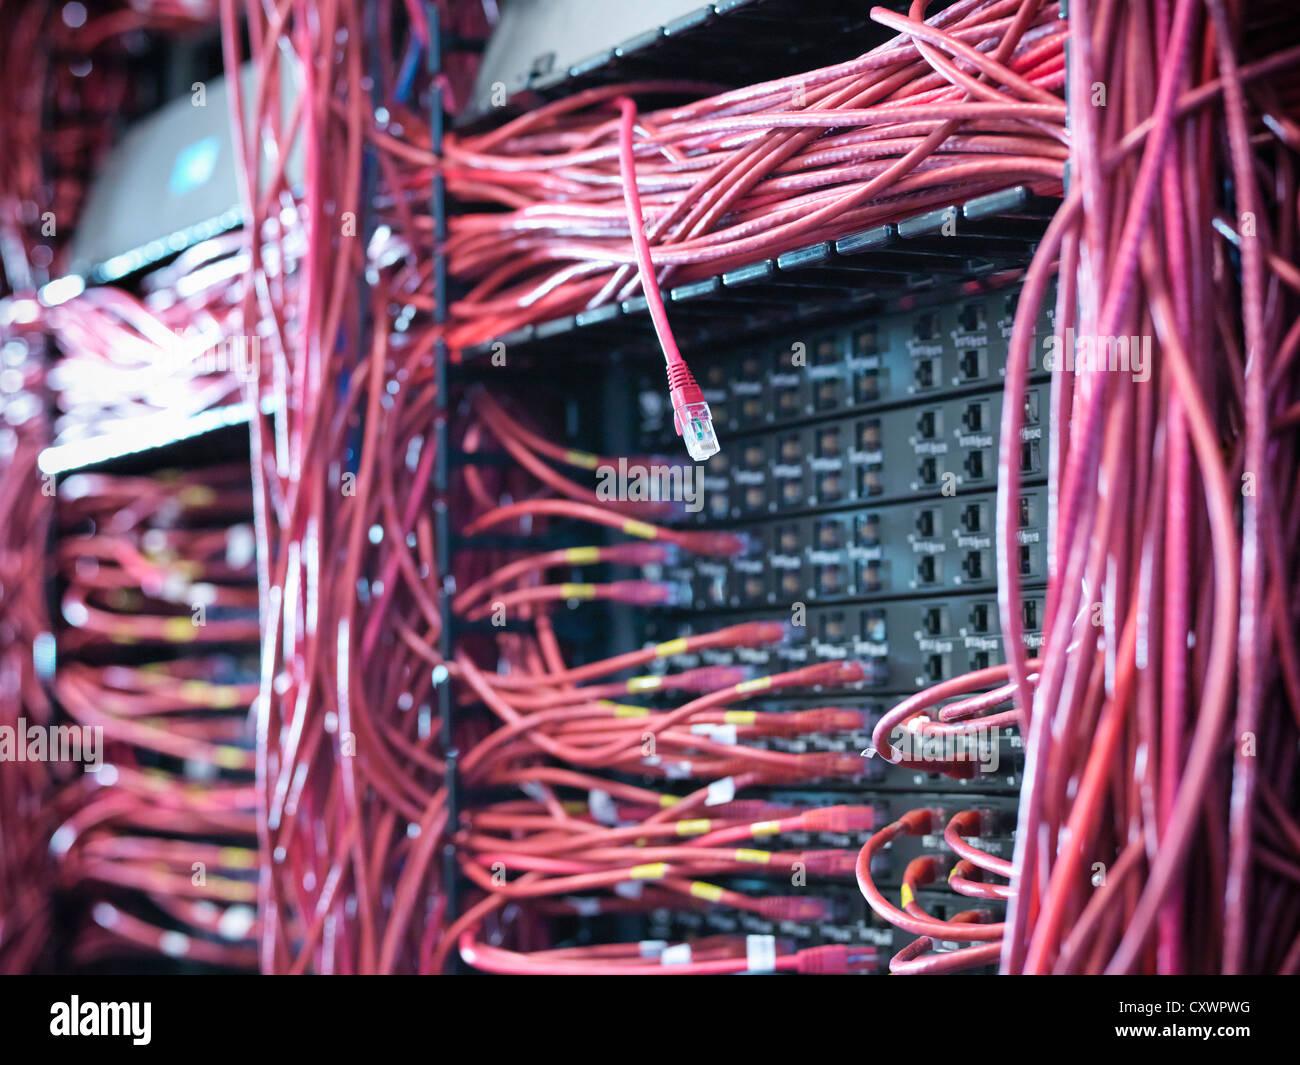 Nahaufnahme von Kabeln im Serverraum Stockbild